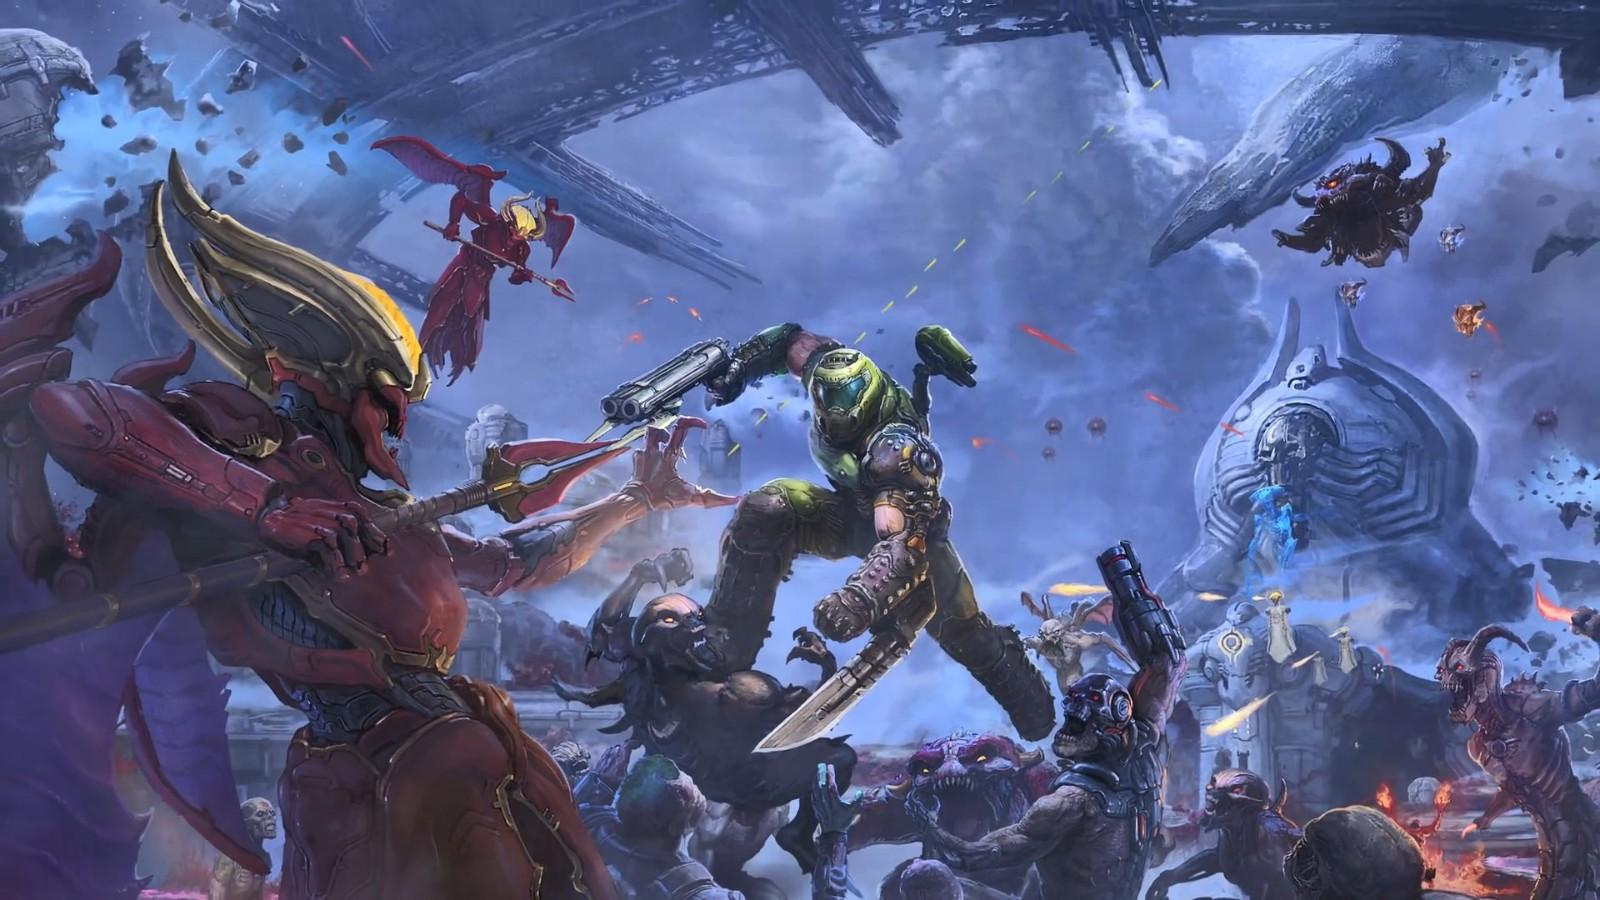 《毁灭战士:永恒》简短预告 《雷神之锤》免费领 (1)